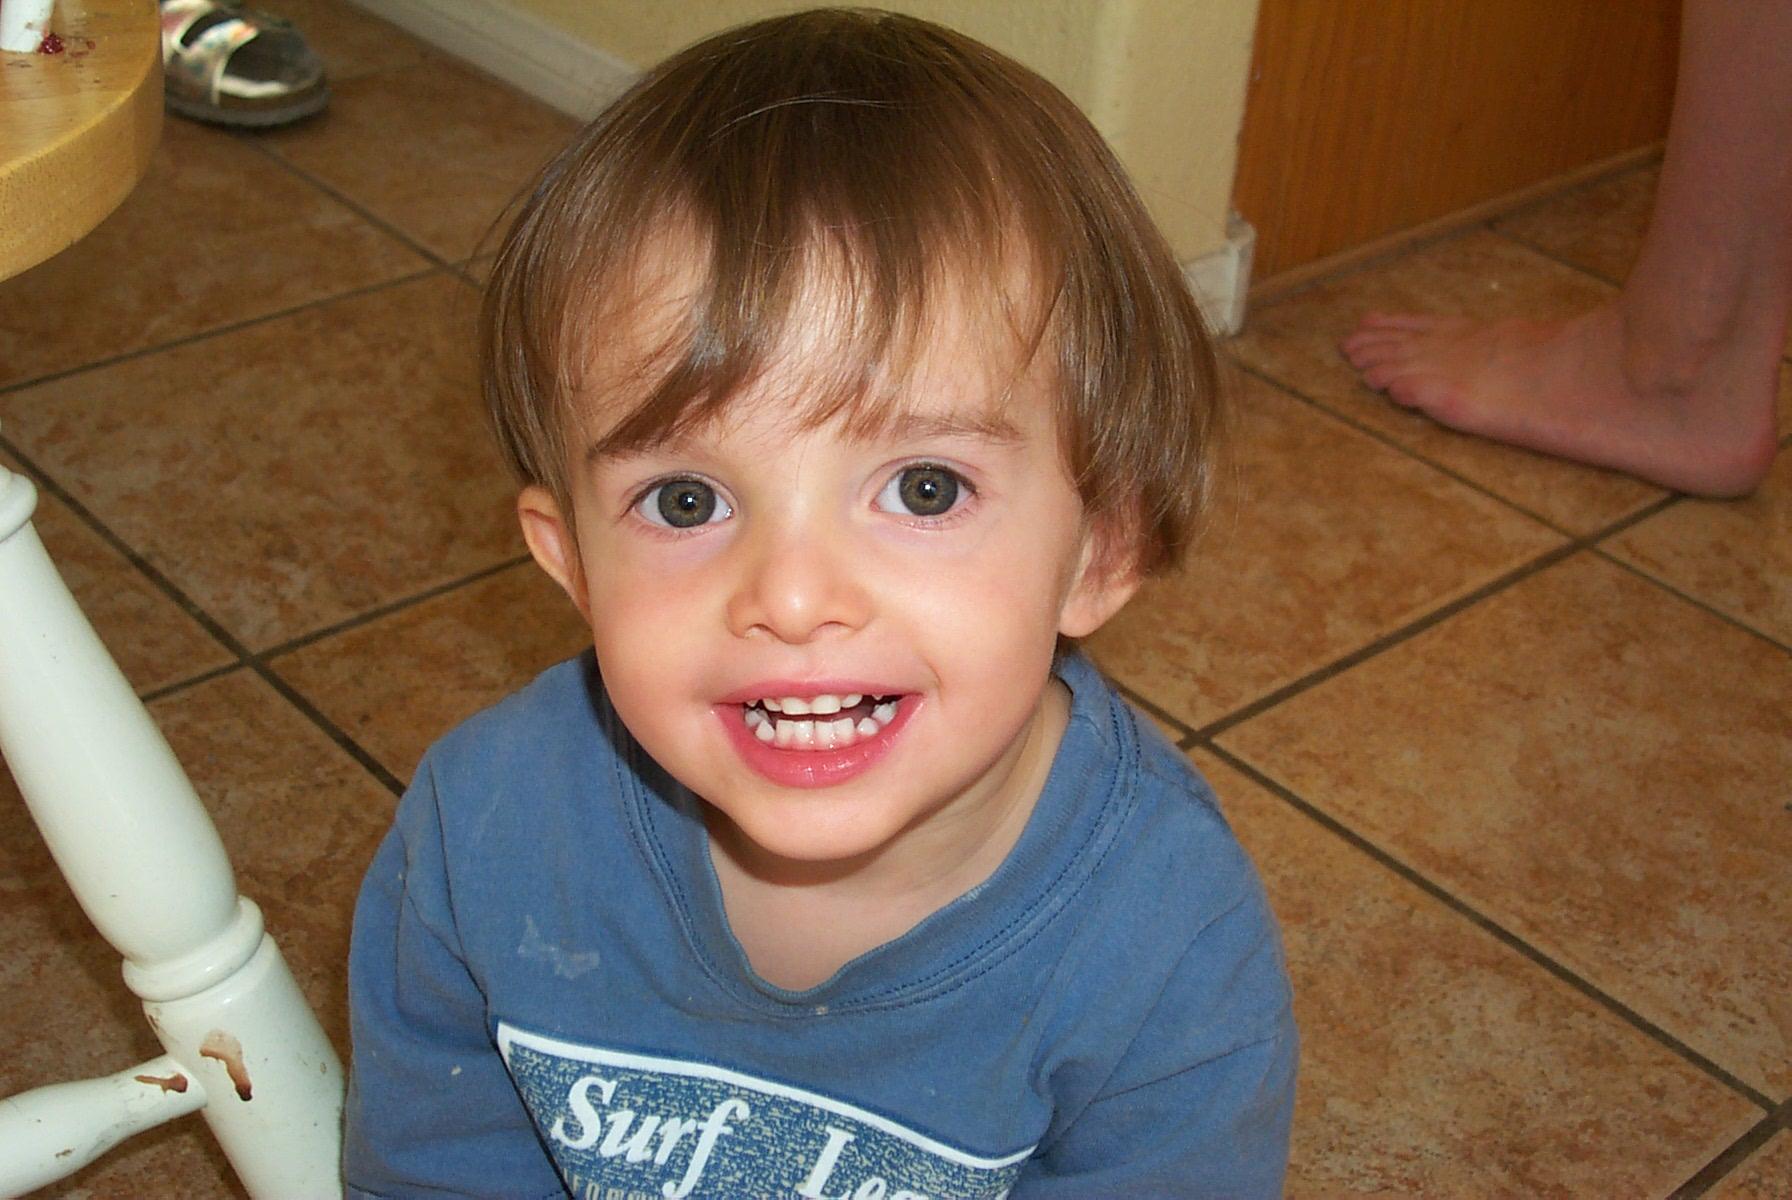 When Blake was 2.